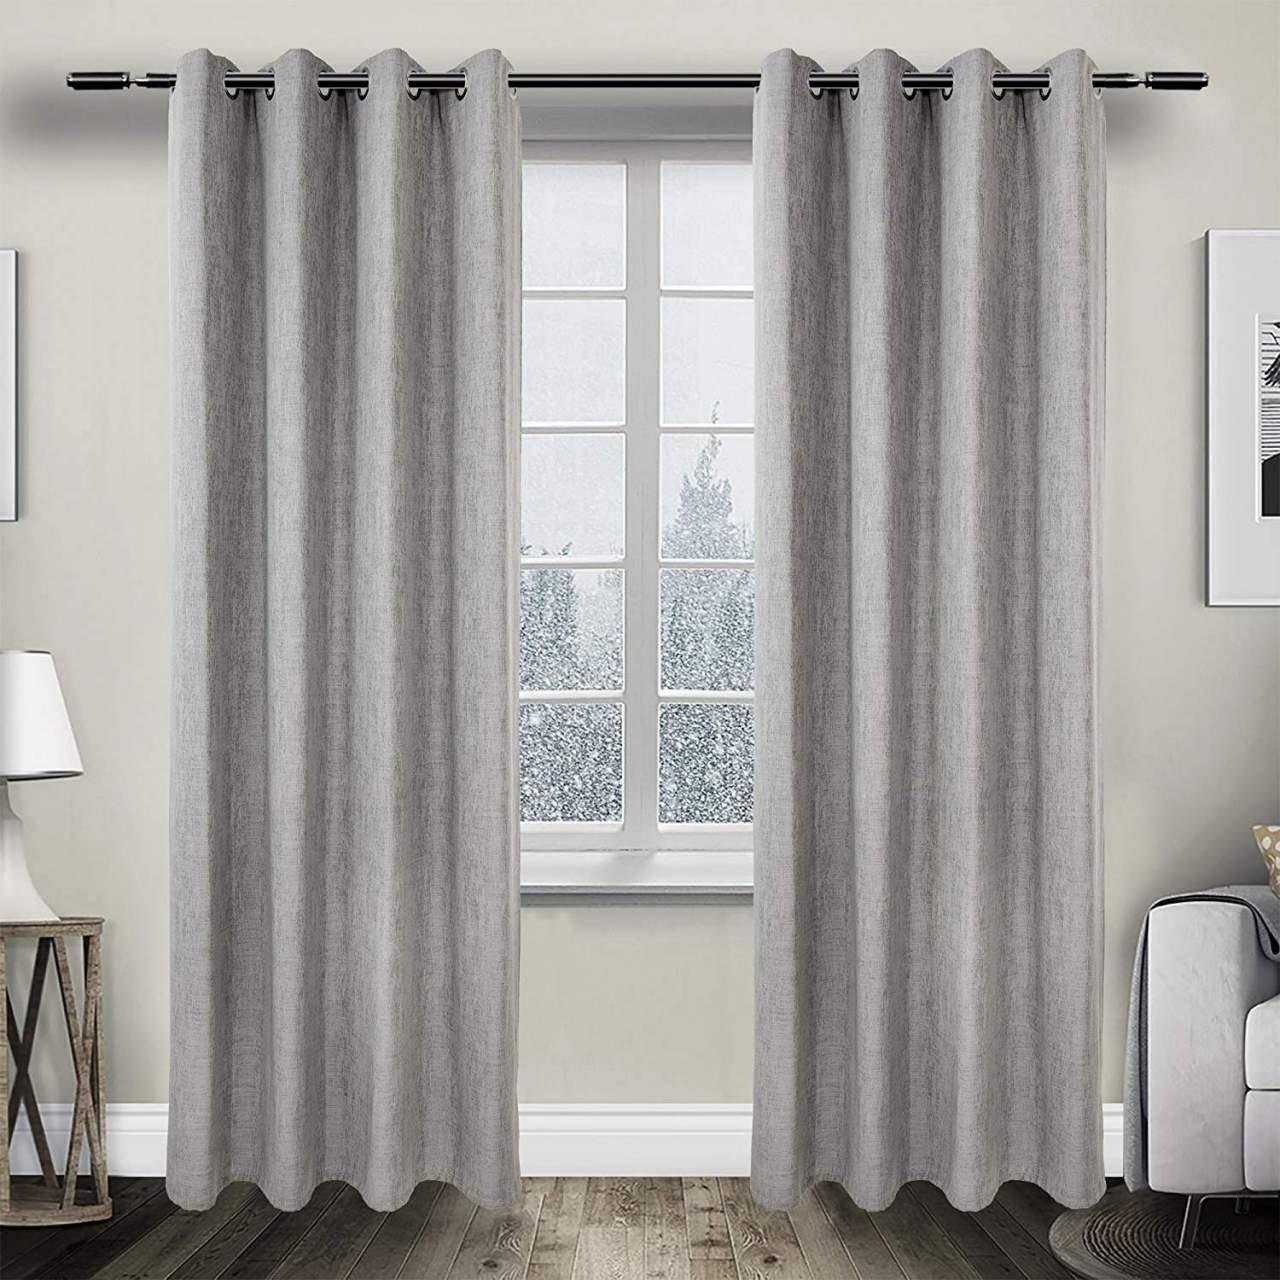 Full Size of Vorhang Gardinen Blickdicht Sen Jacquard Mit Muster Vorhänge Wohnzimmer Schlafzimmer Küche Wohnzimmer Vorhänge